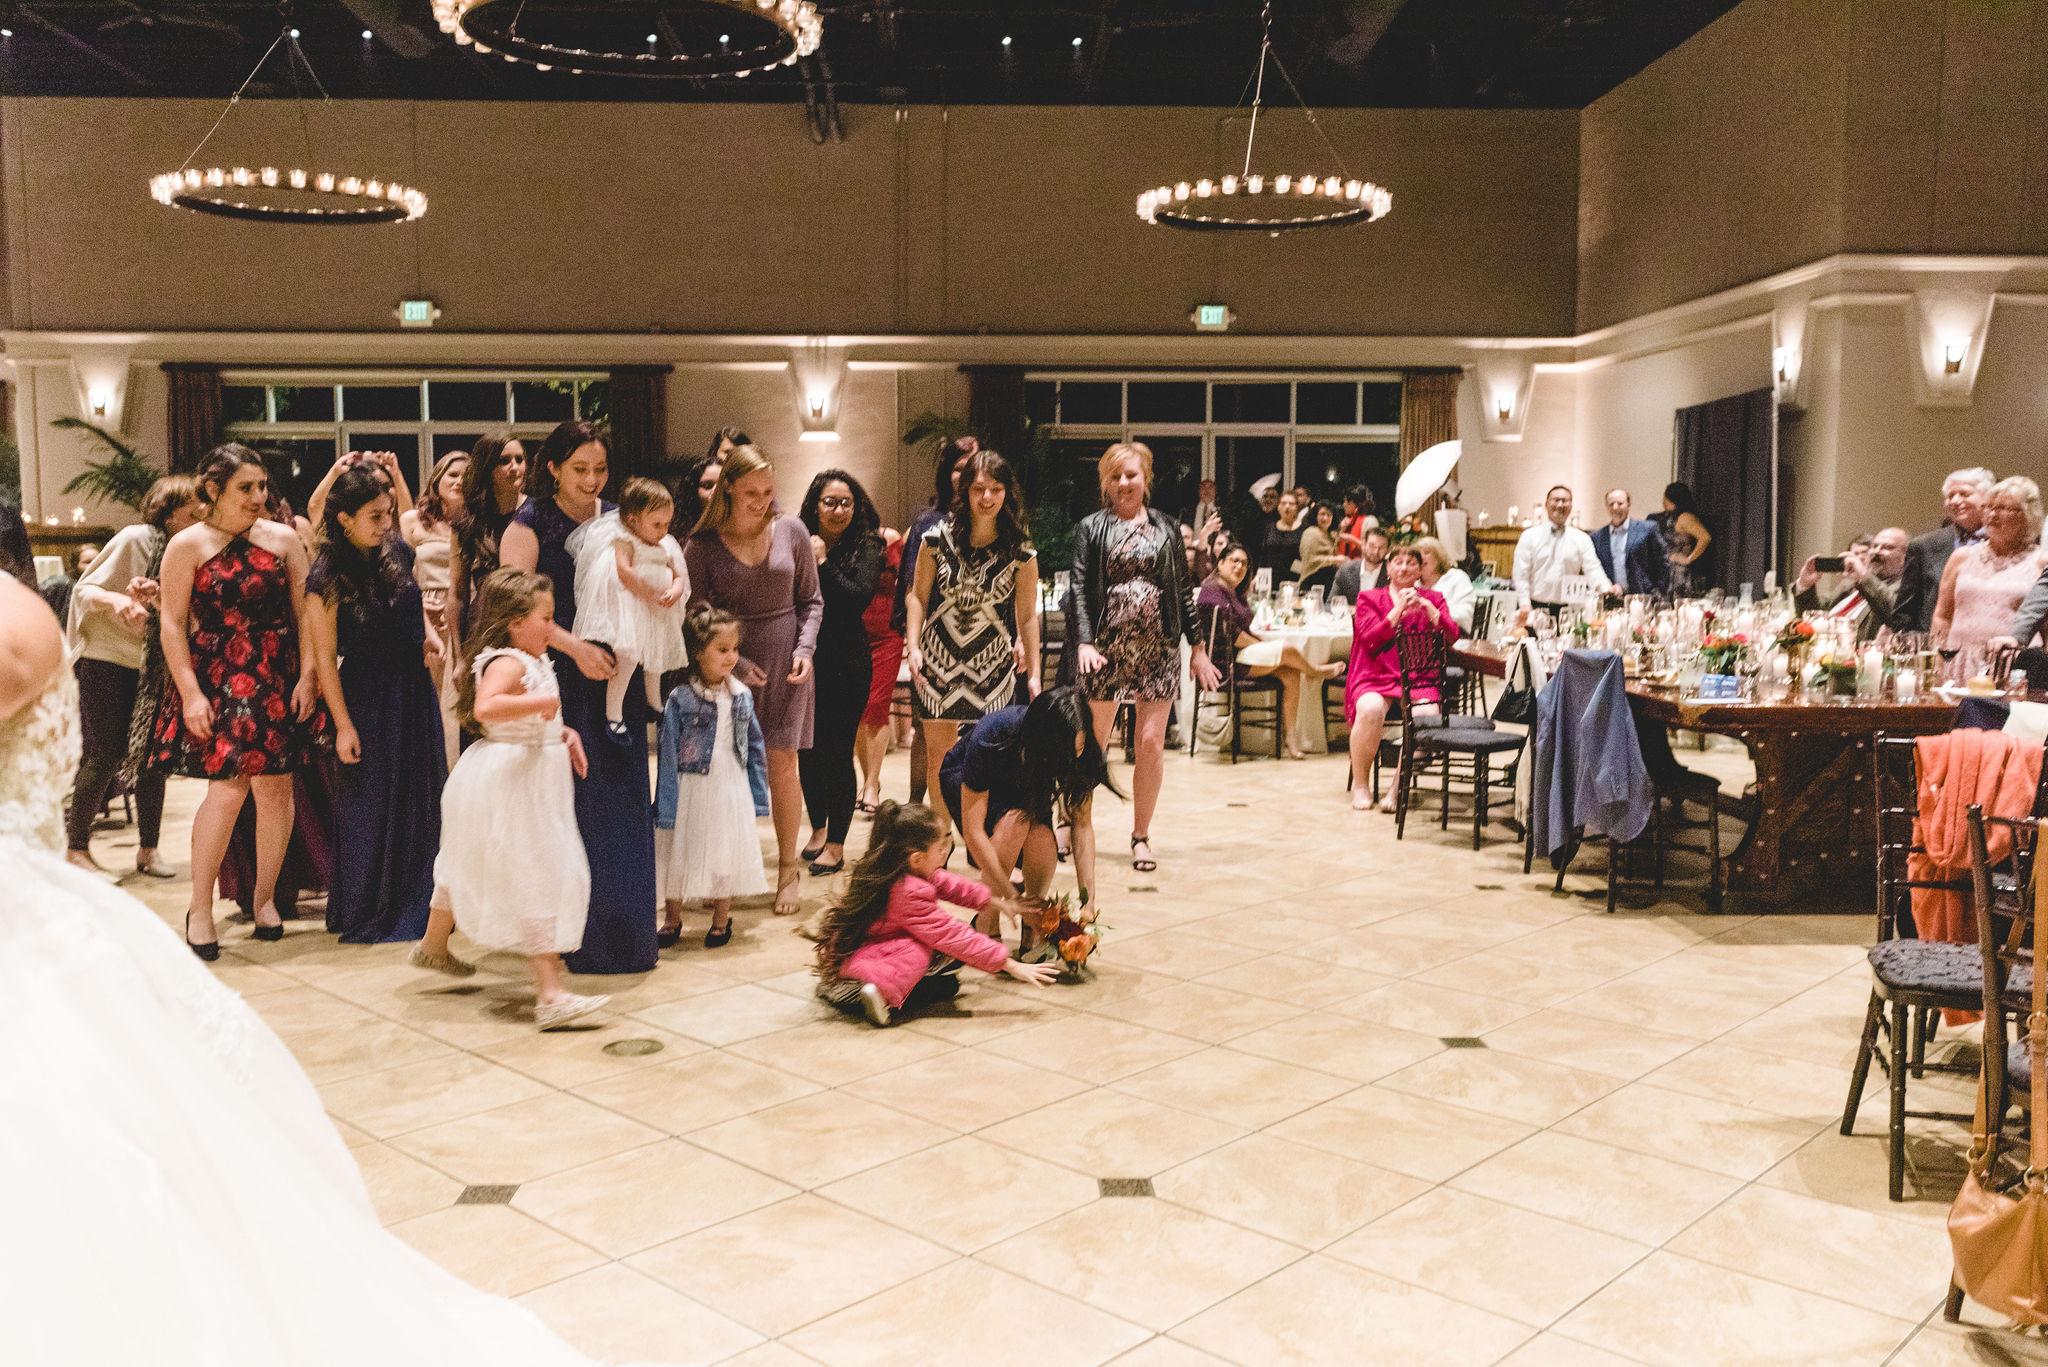 rokes_wedding-reception-353.jpg